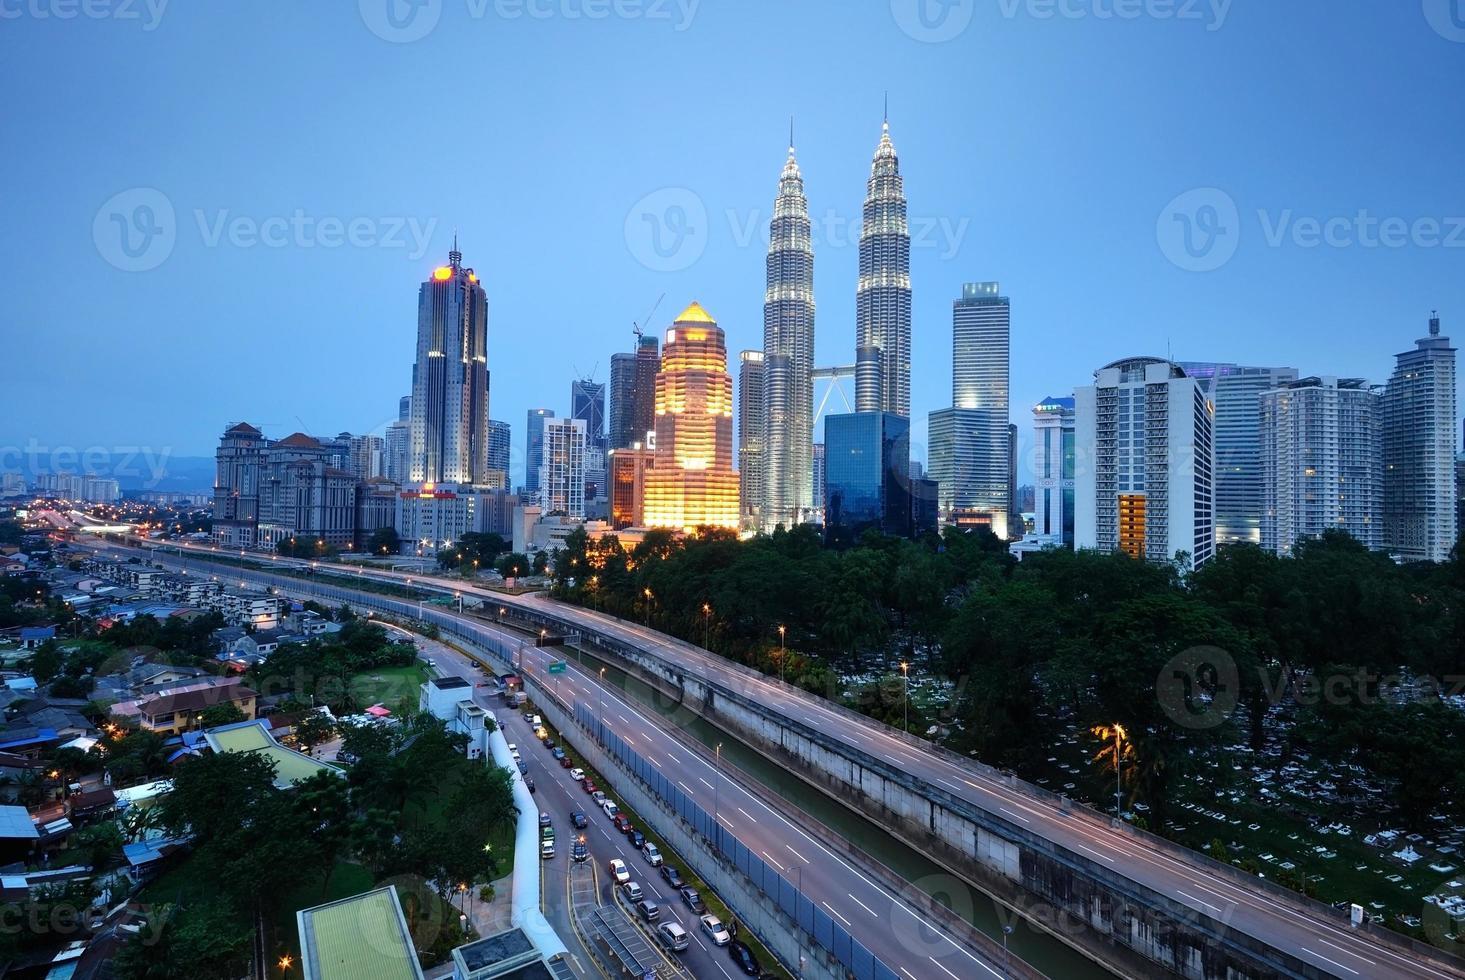 Horizontal shot of Kuala Lumpur Cityscape Night Scenery photo